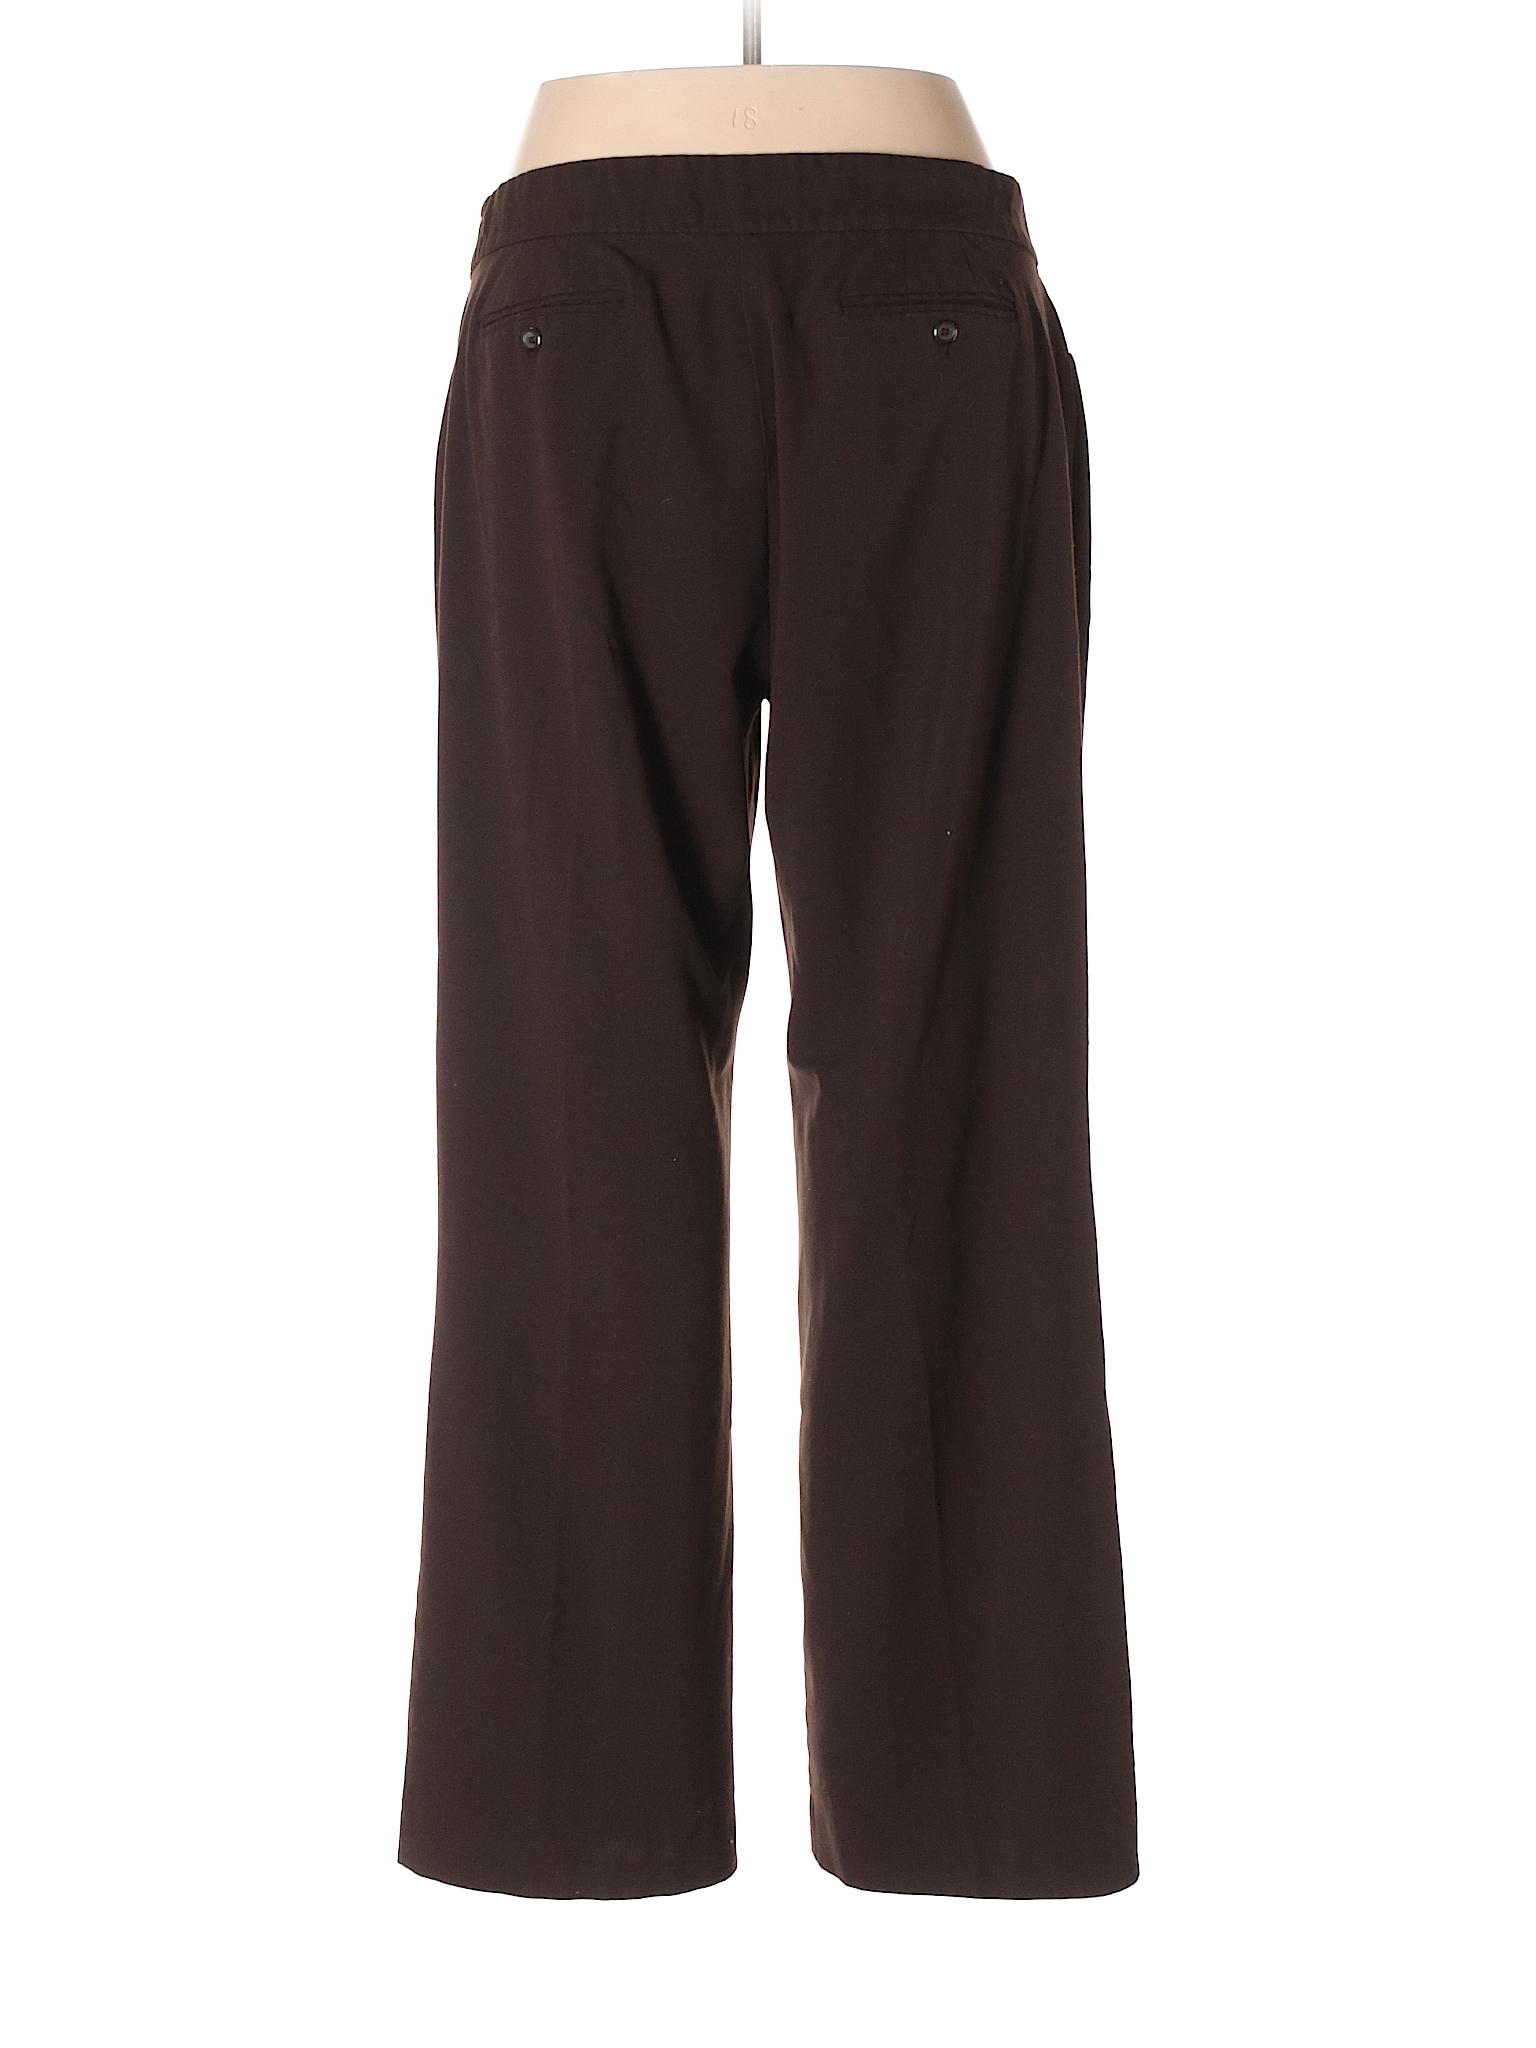 leisure Collection Boutique JM Pants Dress xO8qvnEXvd